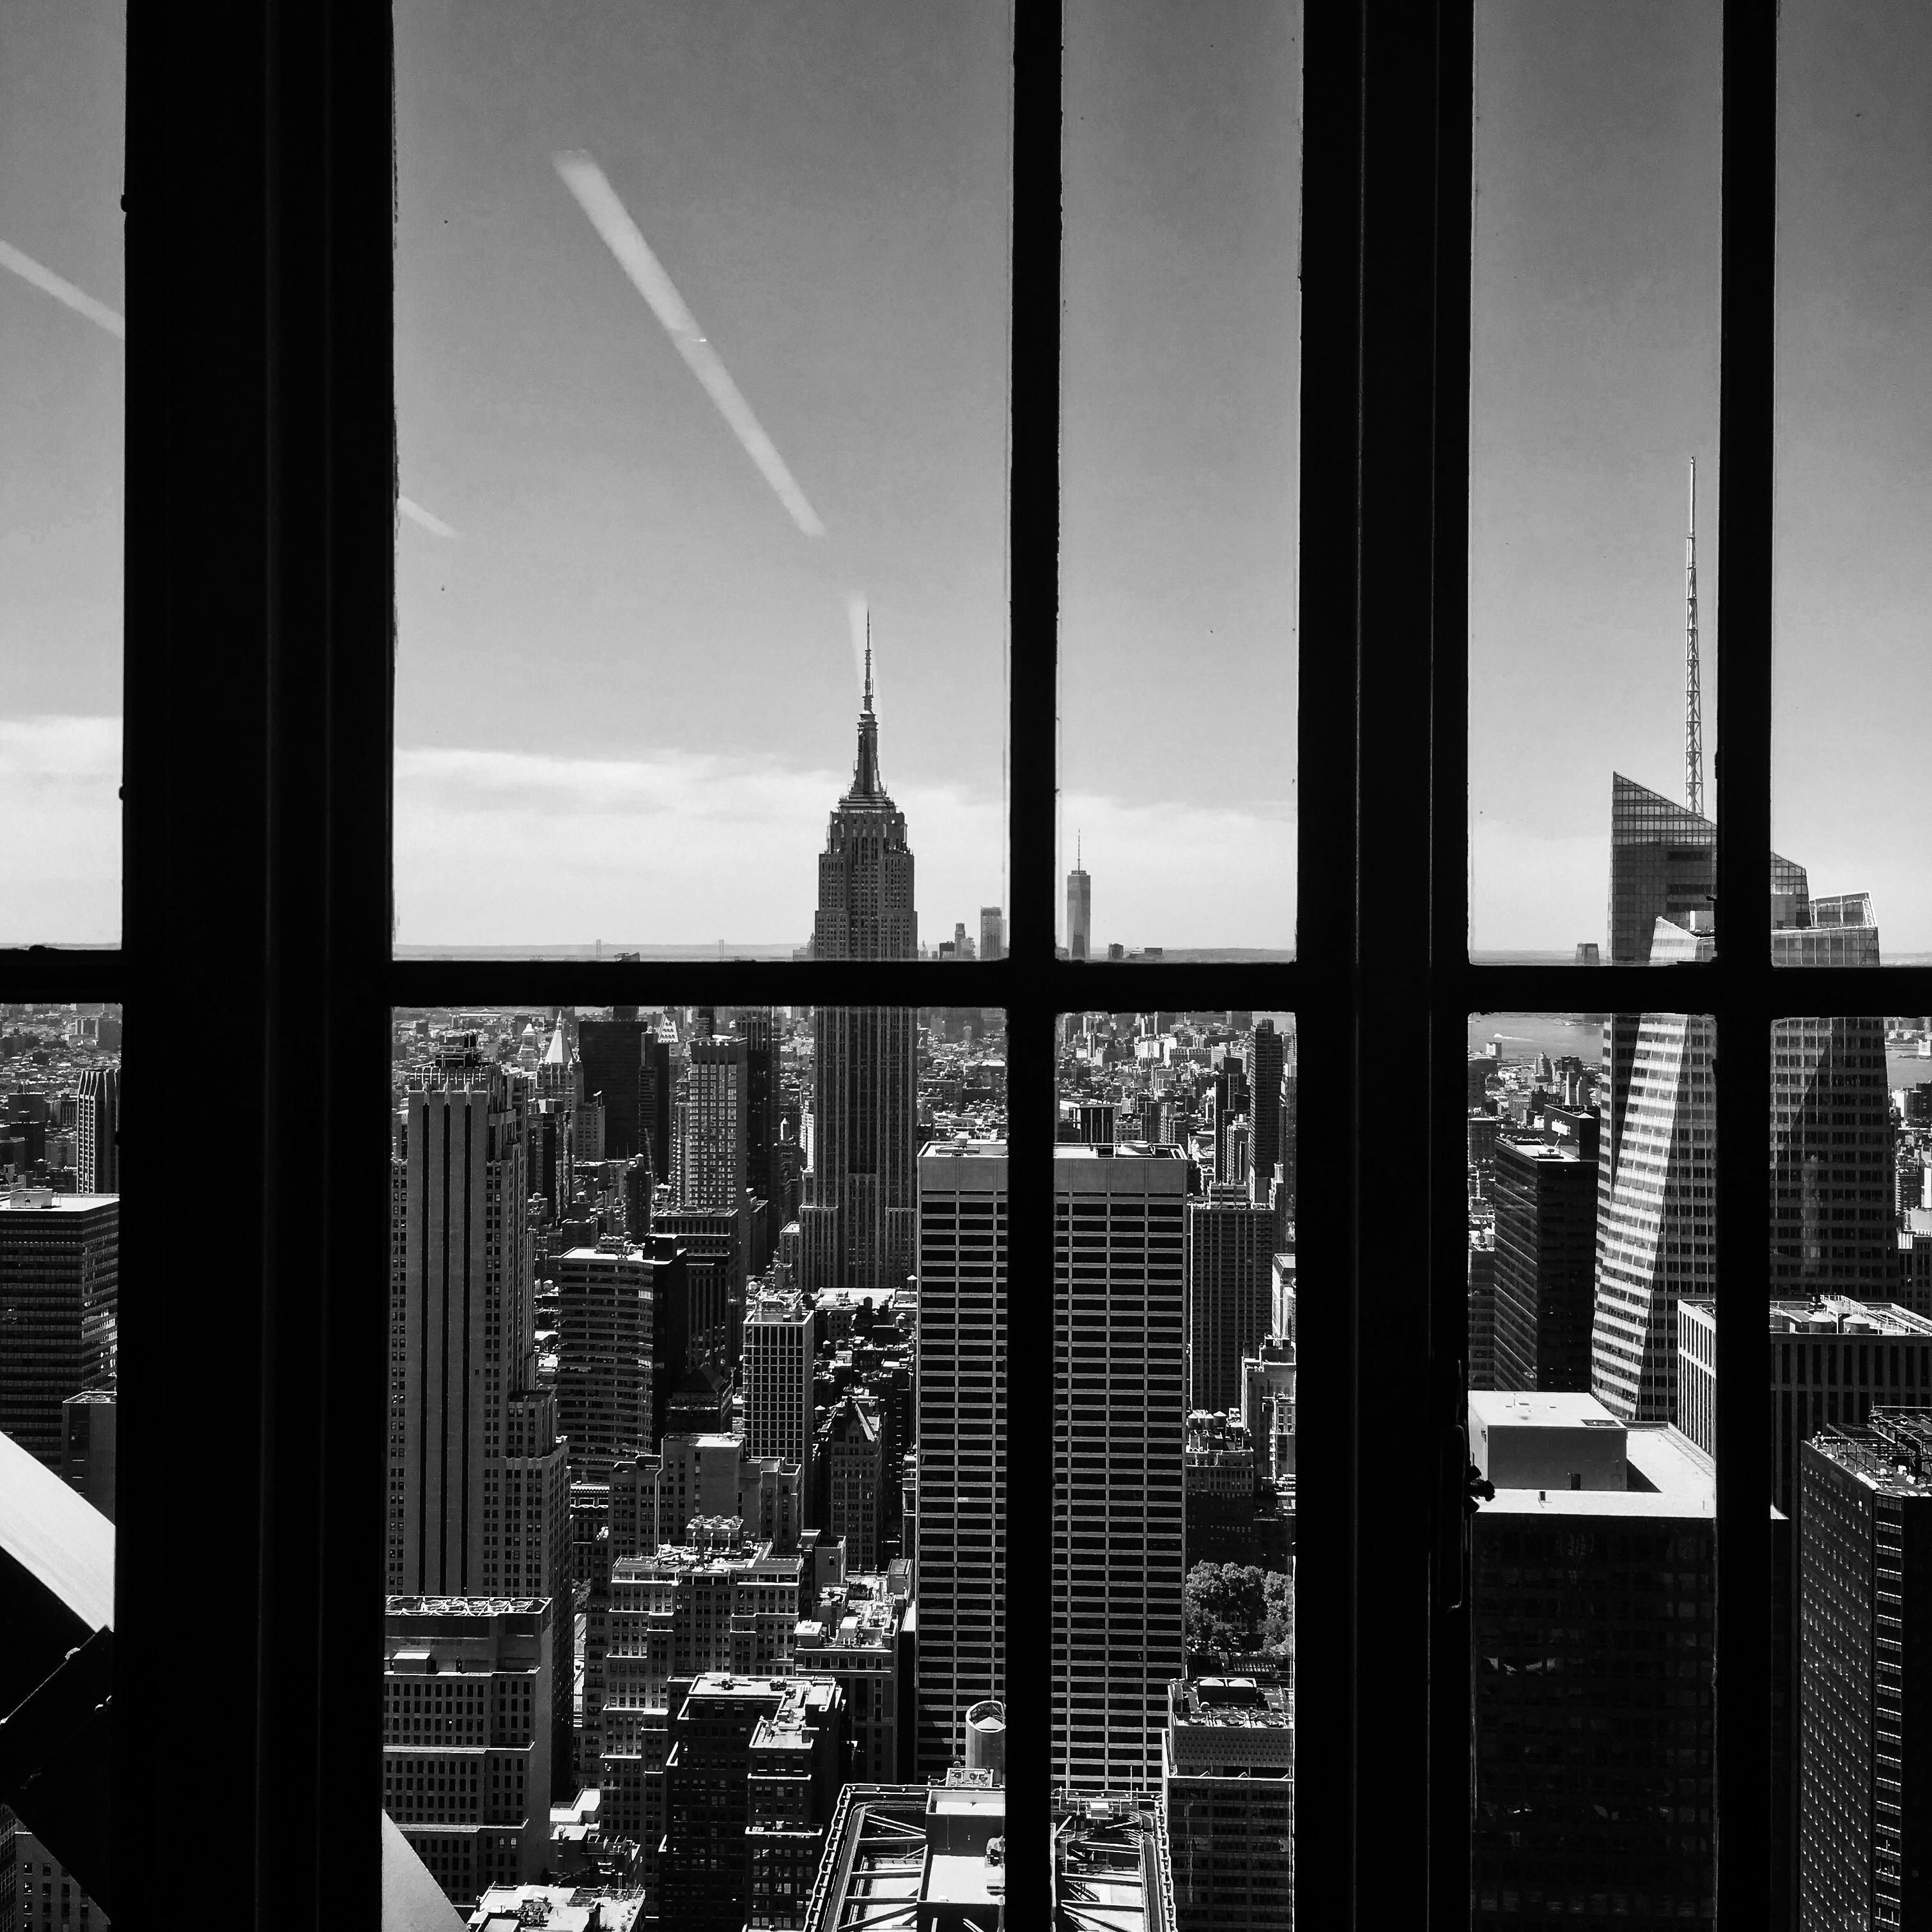 Buildings in Midtown, New York City